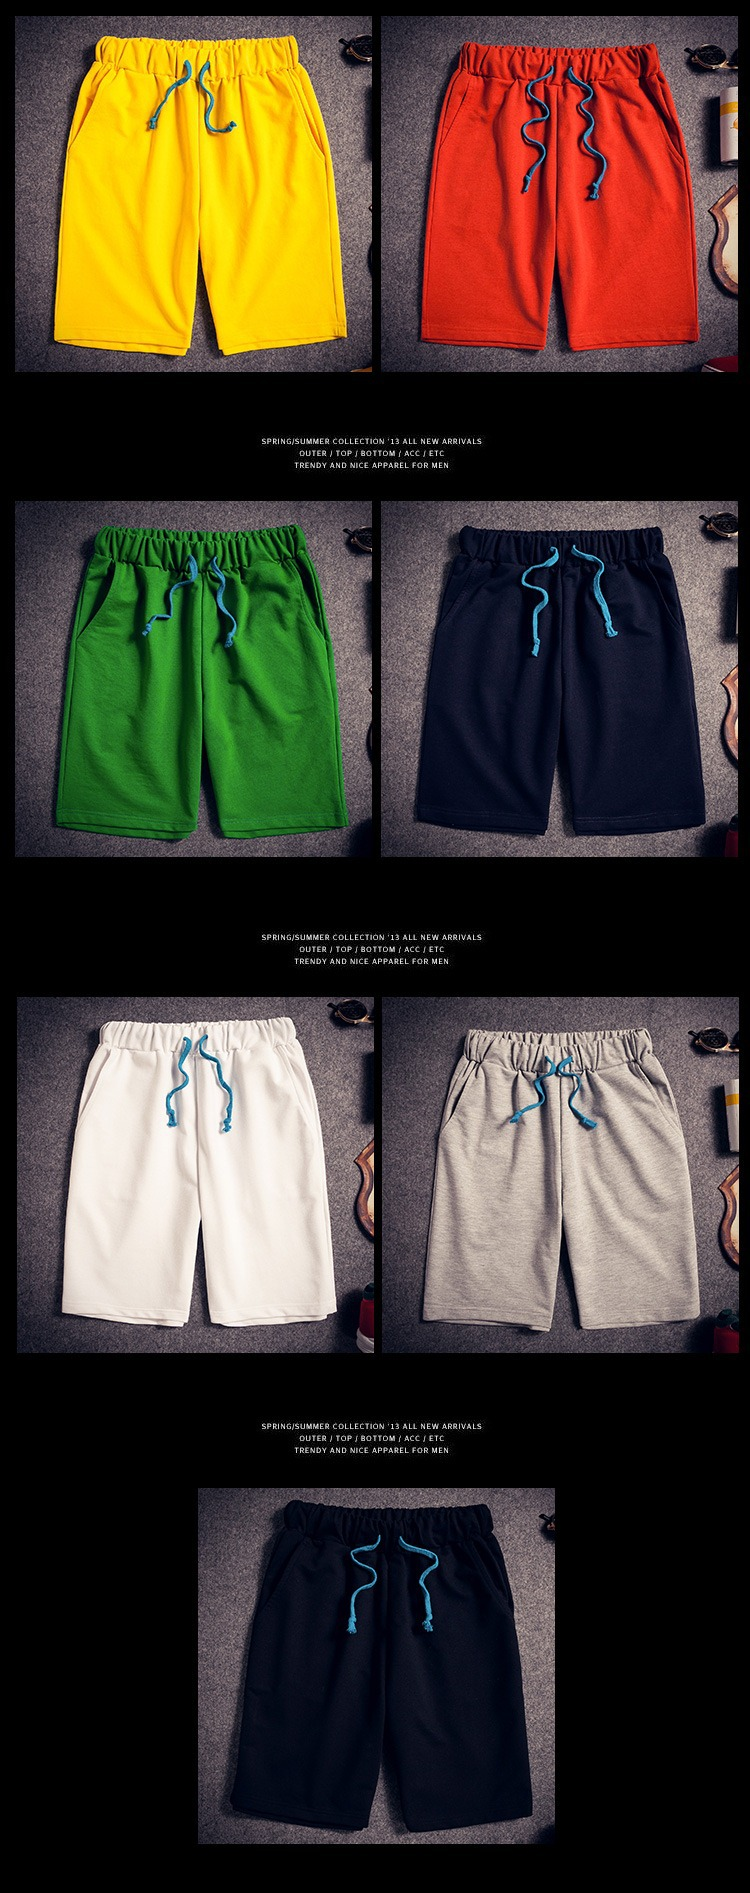 Hàn quốc phiên bản của giản dị nửa chân quần thủy triều quần nam quần xã hội mặc năm điểm ngắn mạch quần mùa hè lớn quần đầu quần short nam